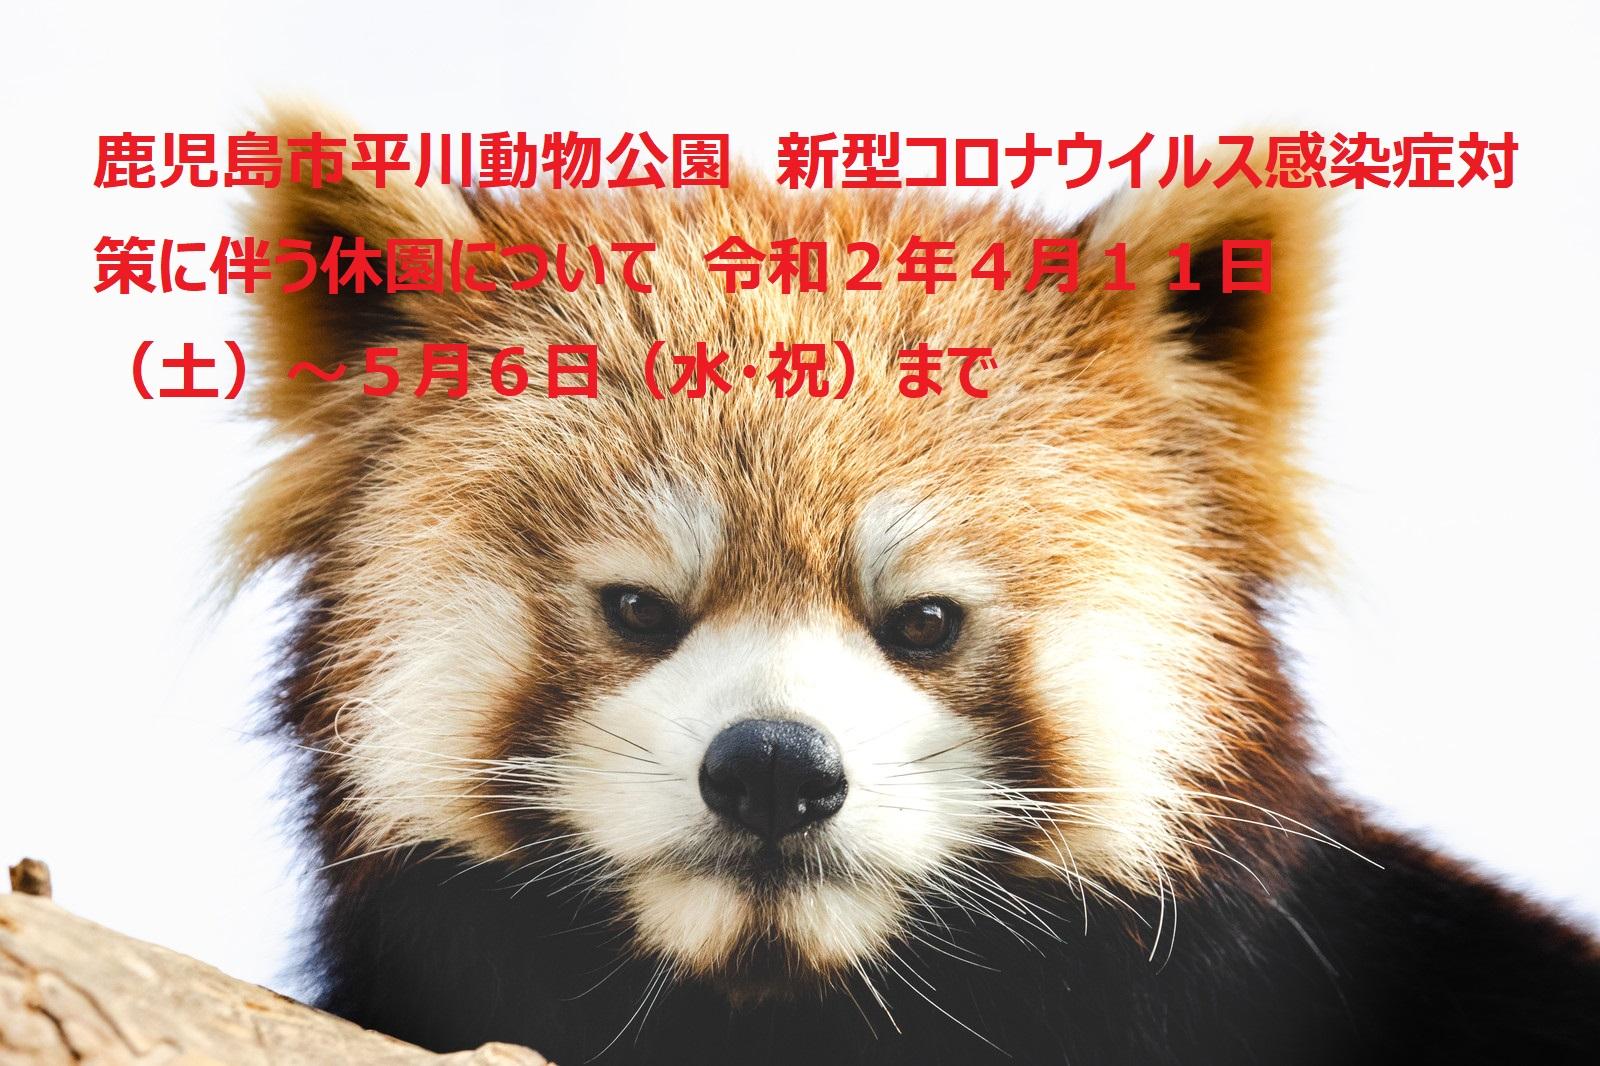 鹿児島市平川動物公園 新型コロナウイルス感染症対策に伴う休園について 令和2年4月11日(土)~5月6日(水・祝)まで イメージ画像